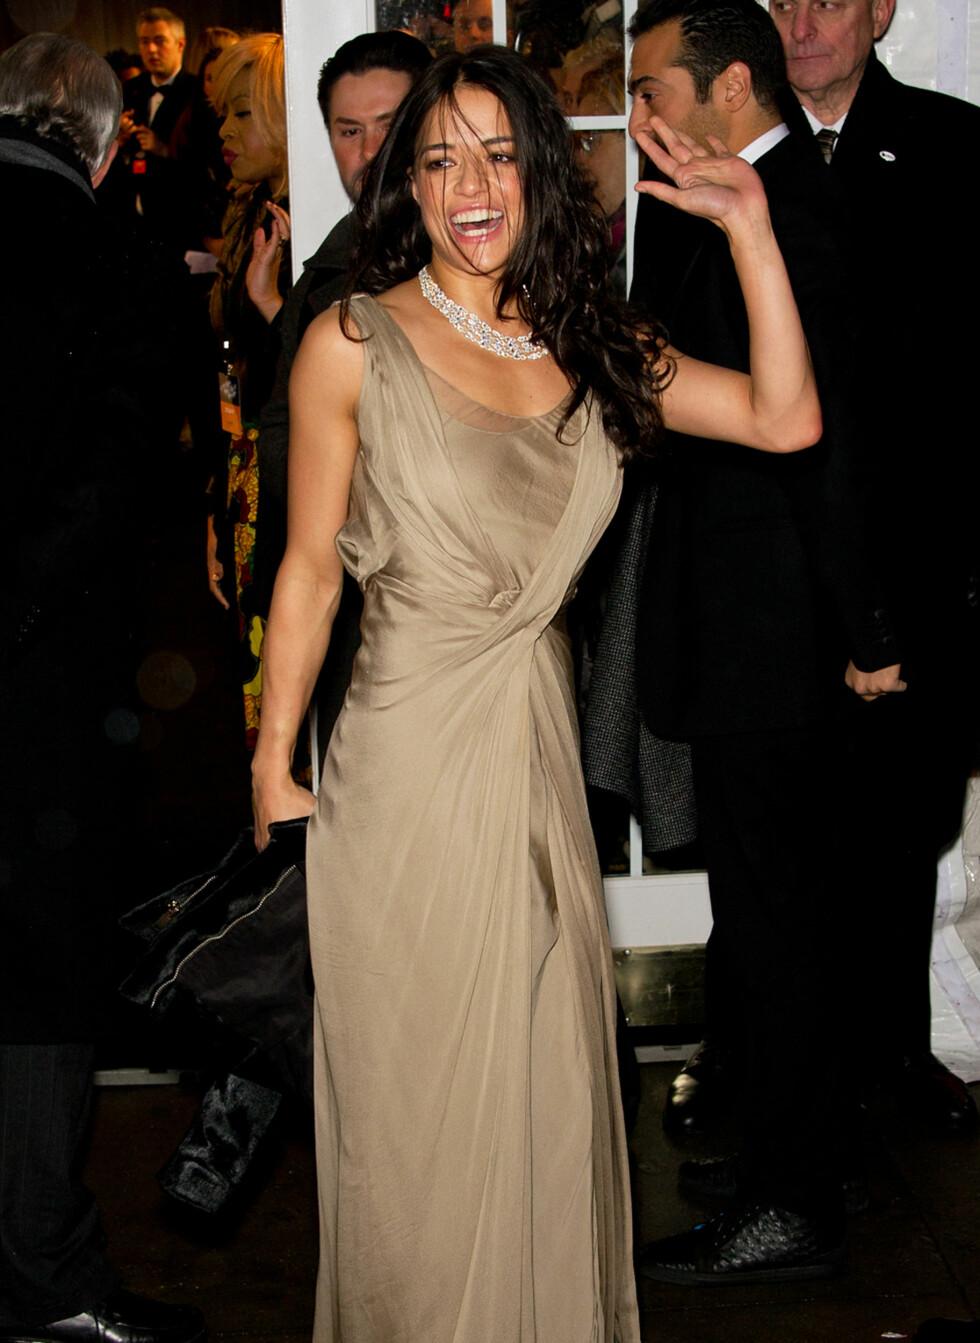 Michelle Rodriguez Foto: Ouzounova/Splash News/ All Over Press